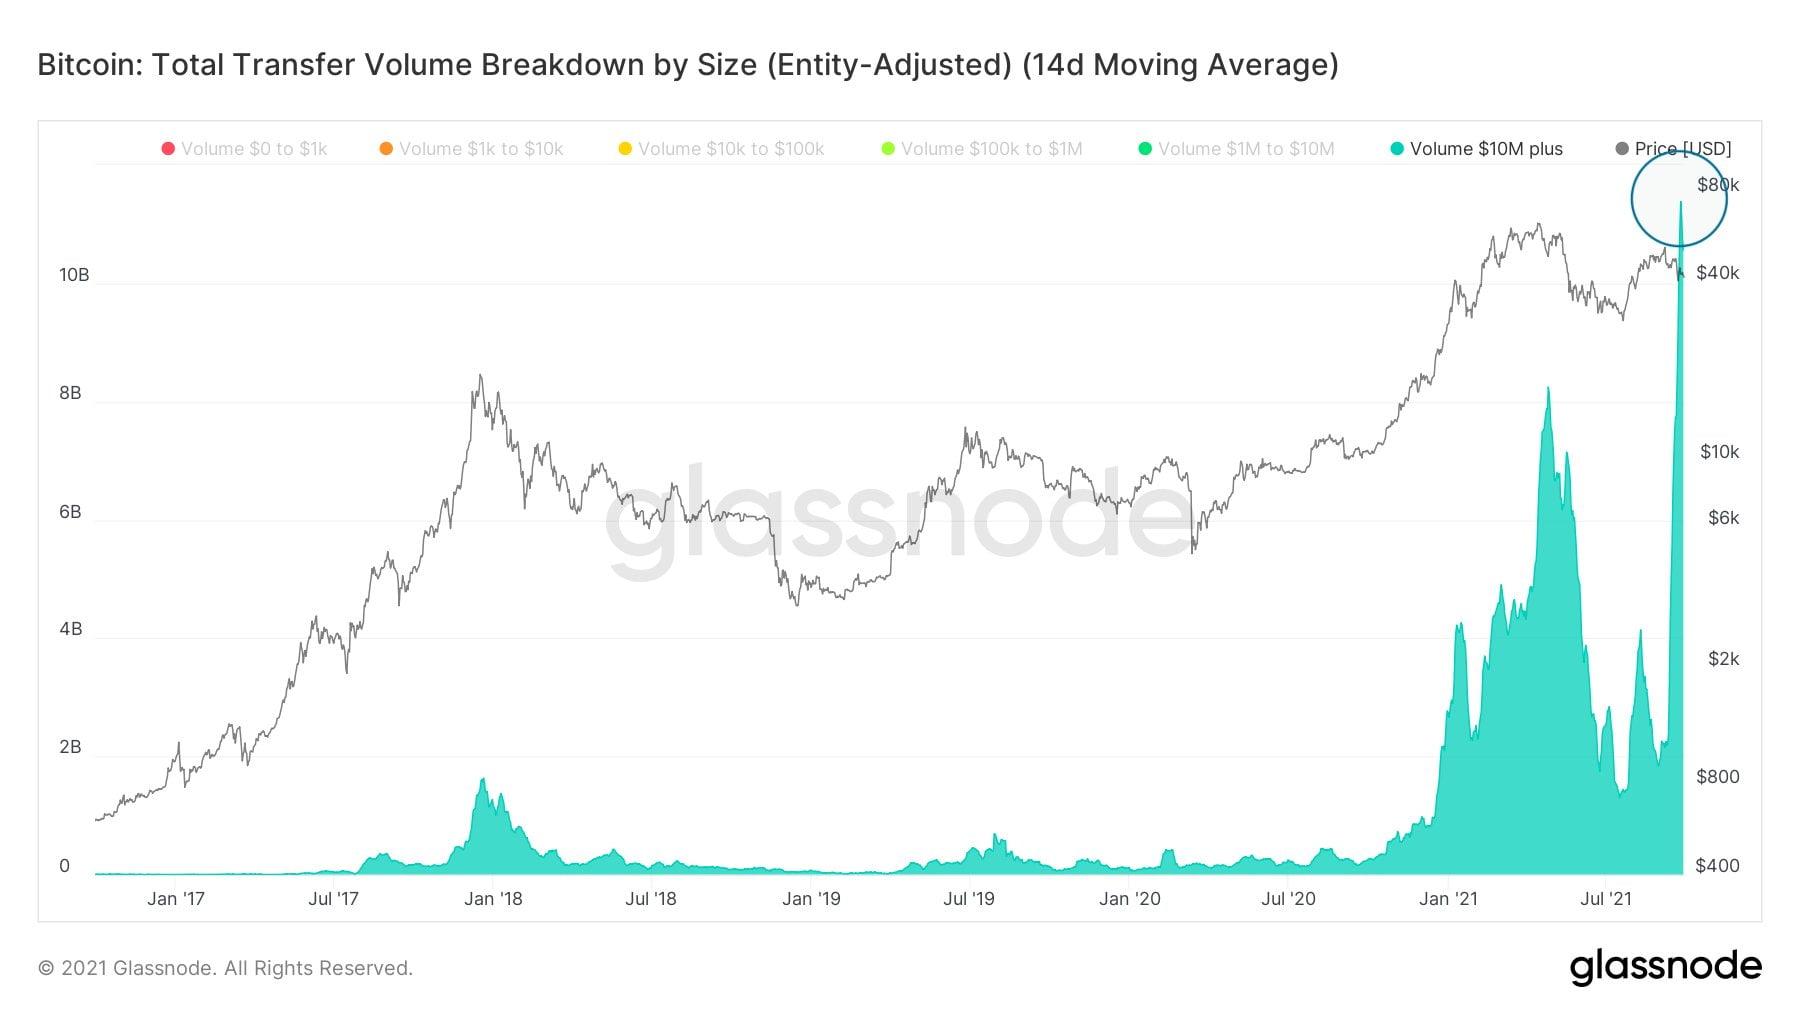 Bitcoin: balenele mută valori record de monede BTC. Volatilitatea ar putea atinge niveluri record